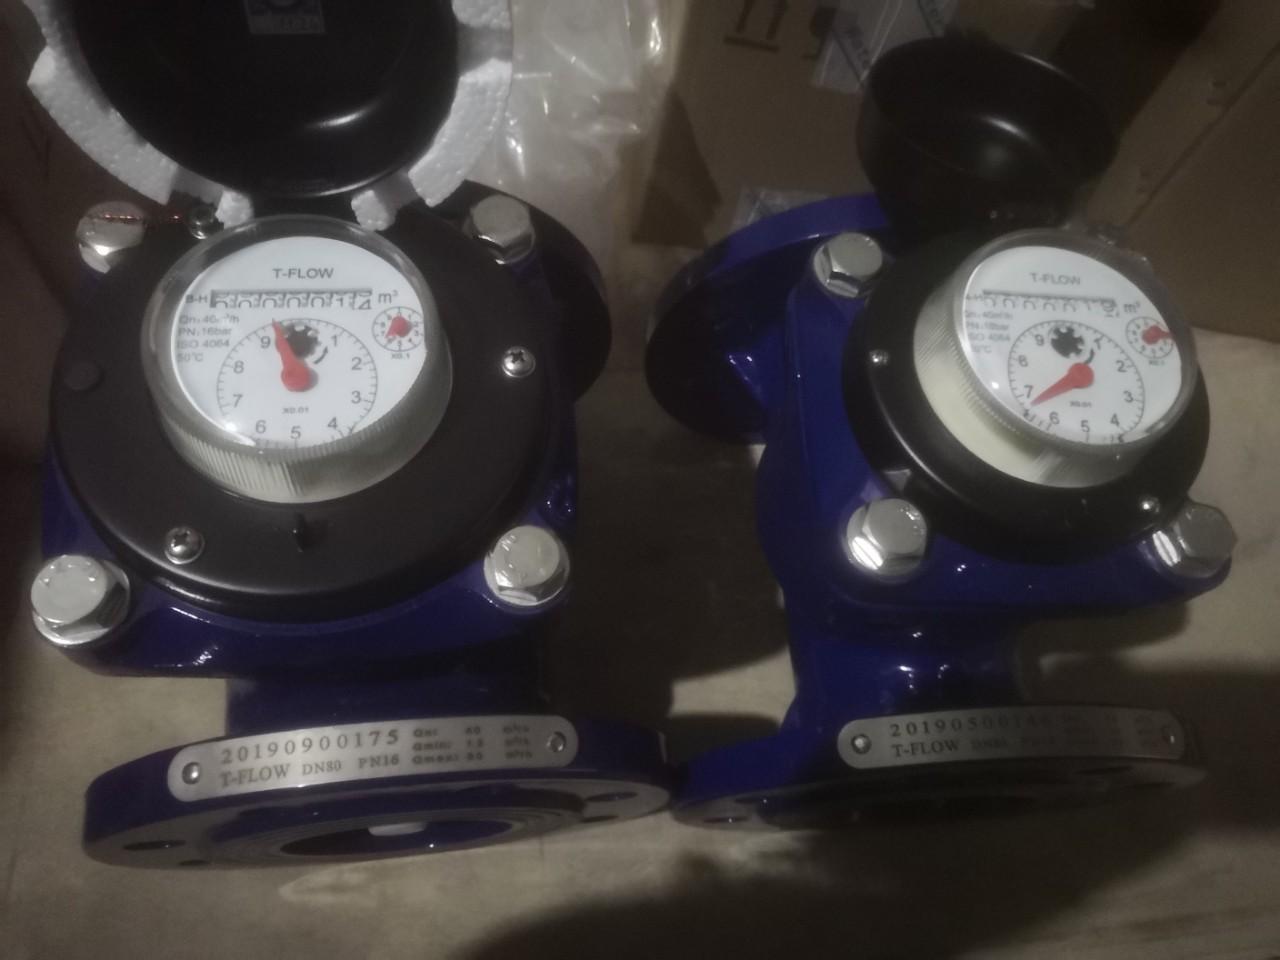 Đồng hồ đo lưu lượng nước T-Flow DN80